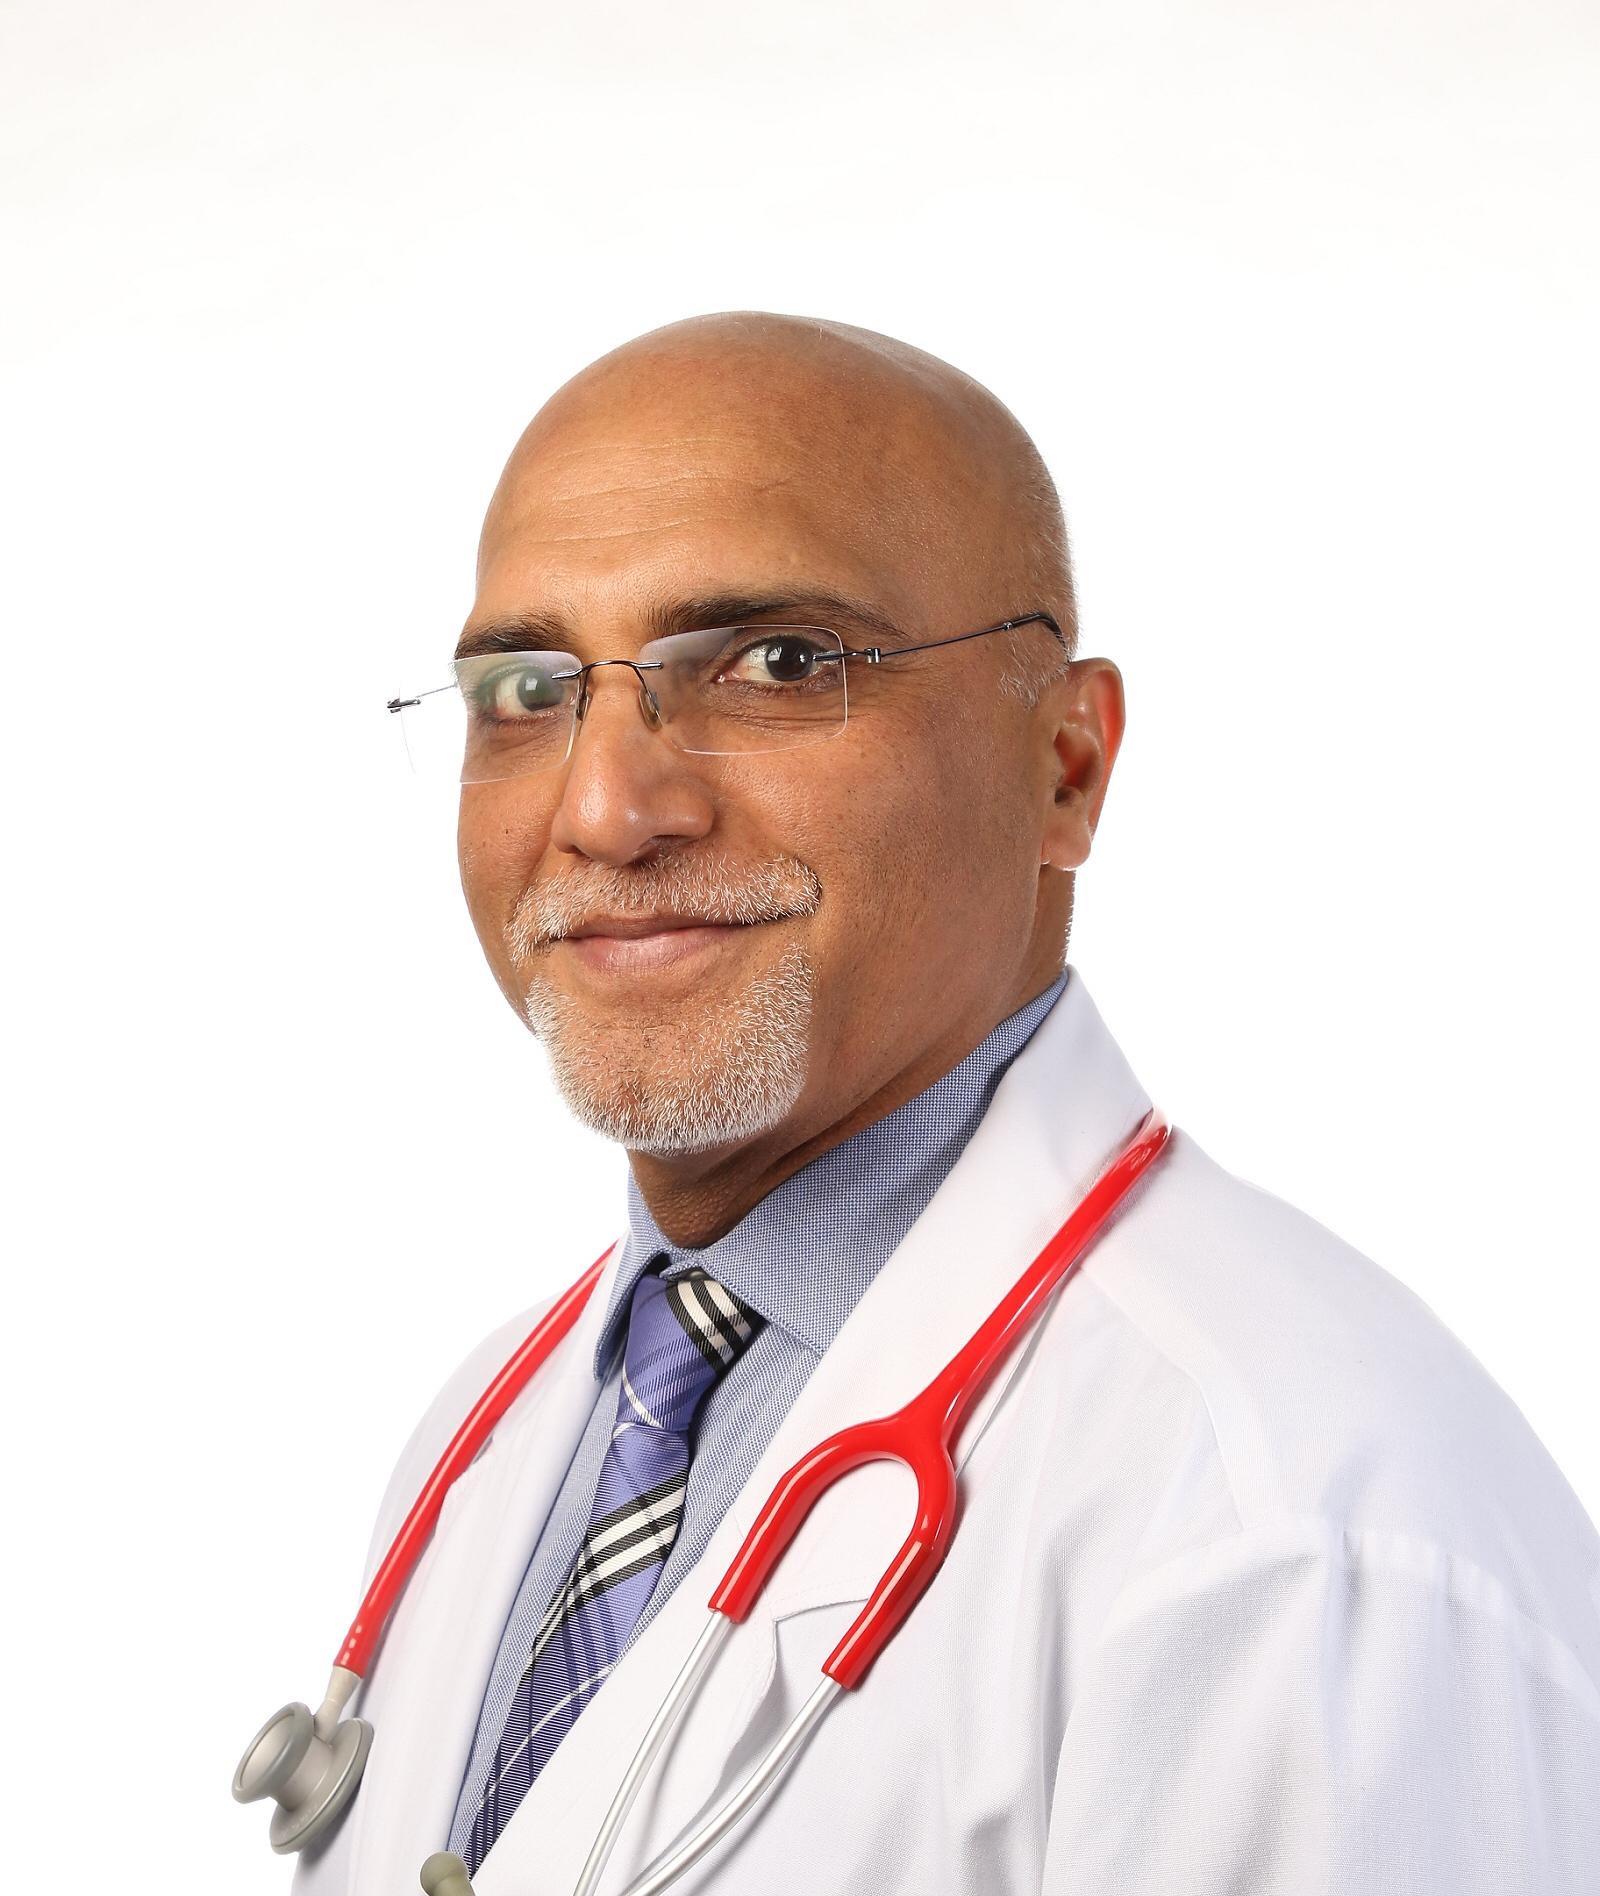 Dr. Manish Sachdev